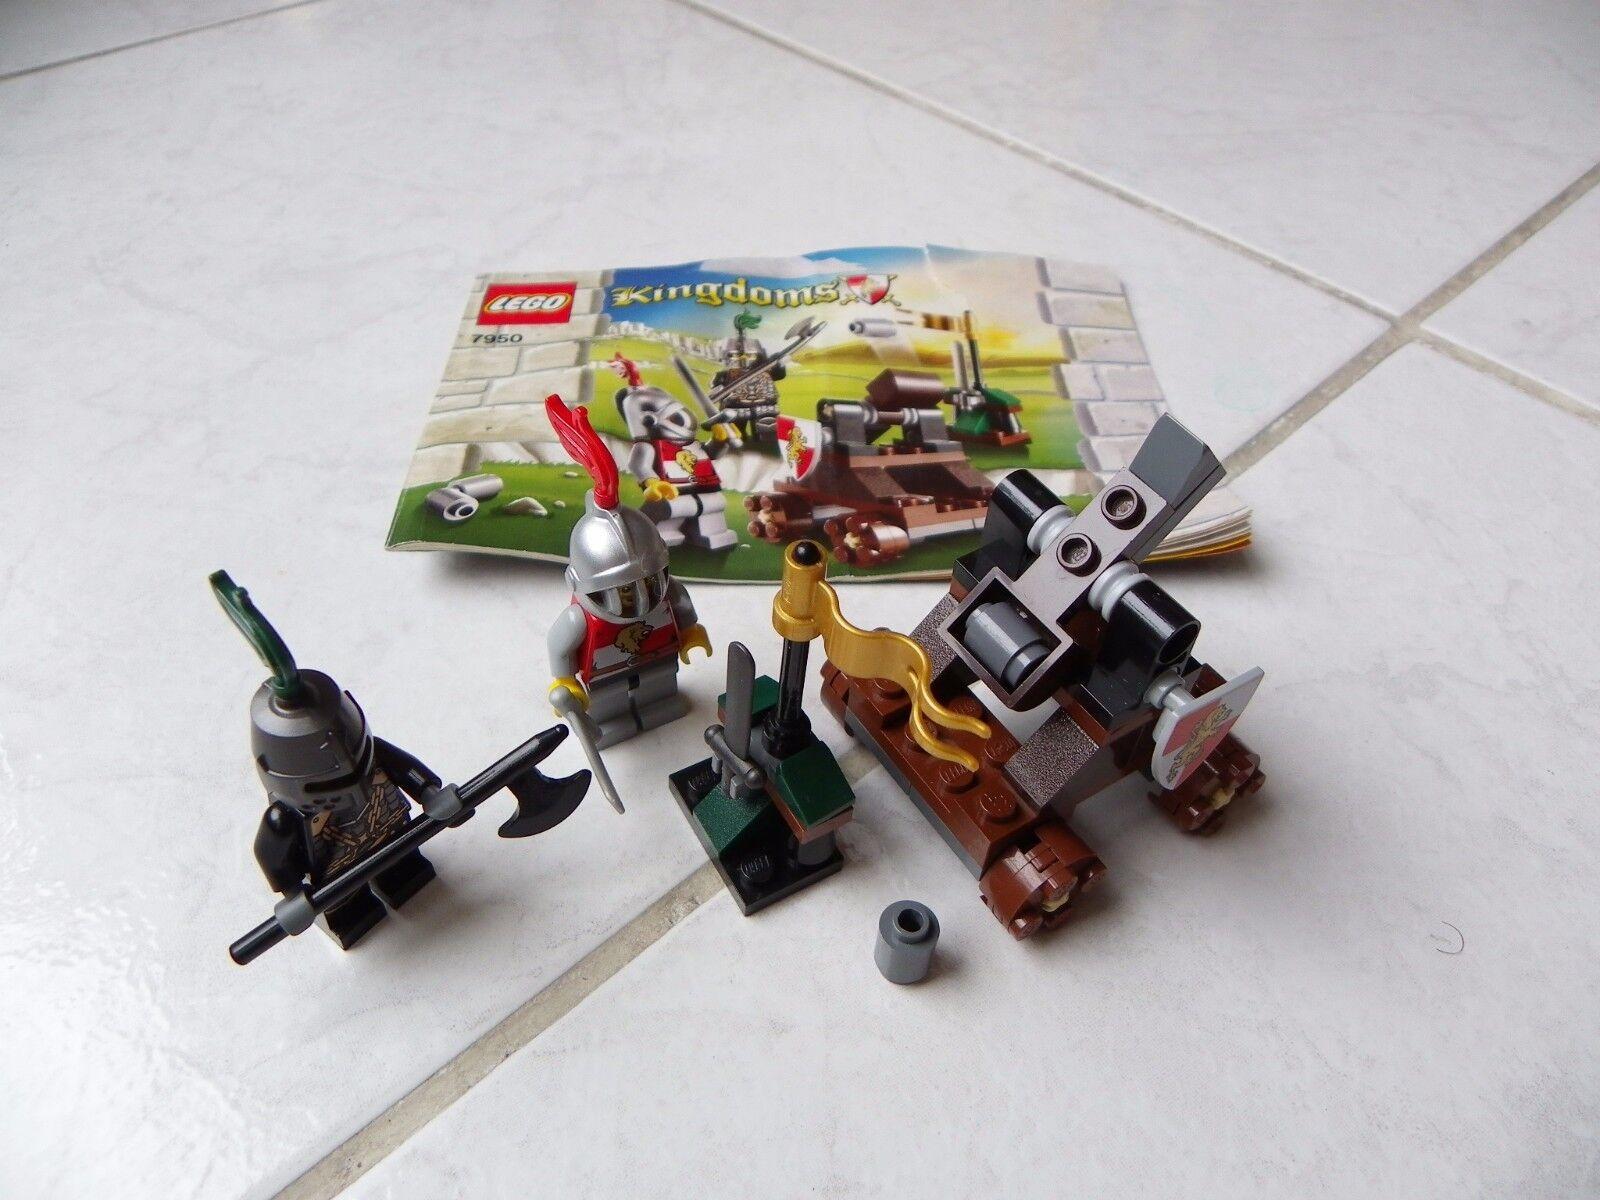 Lego Kingdoms de caballero arreglo de cuentas catapulta 7950 7950 7950 con instrucciones fa0dde